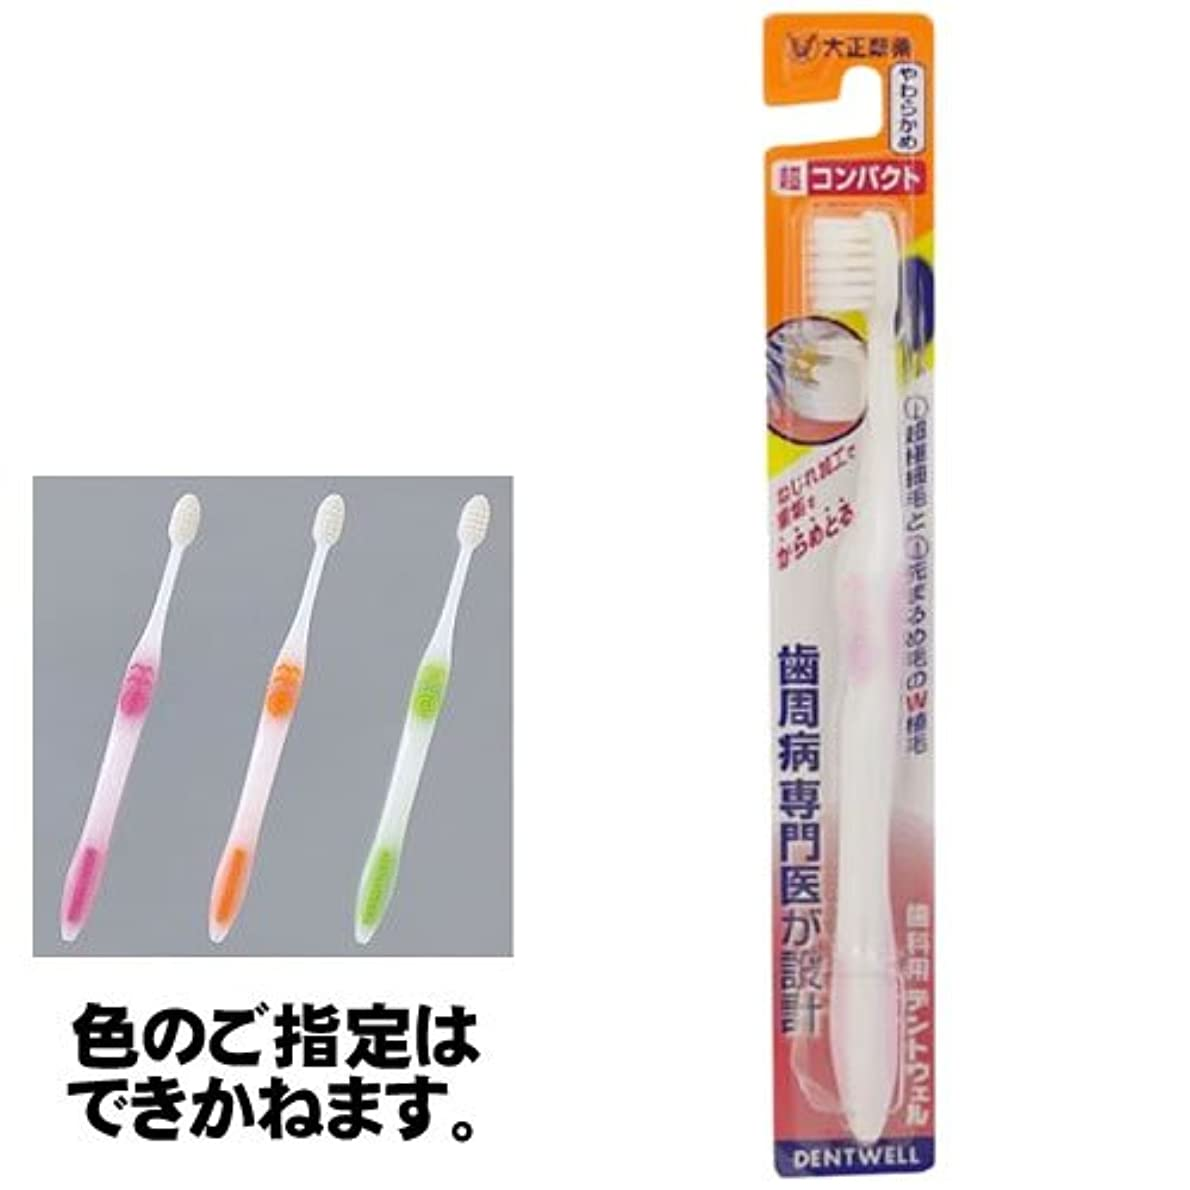 幅調和雇った〔大正製薬〕歯科用デントウェル歯ブラシ 超コンパクト やわらかめ×12個セット